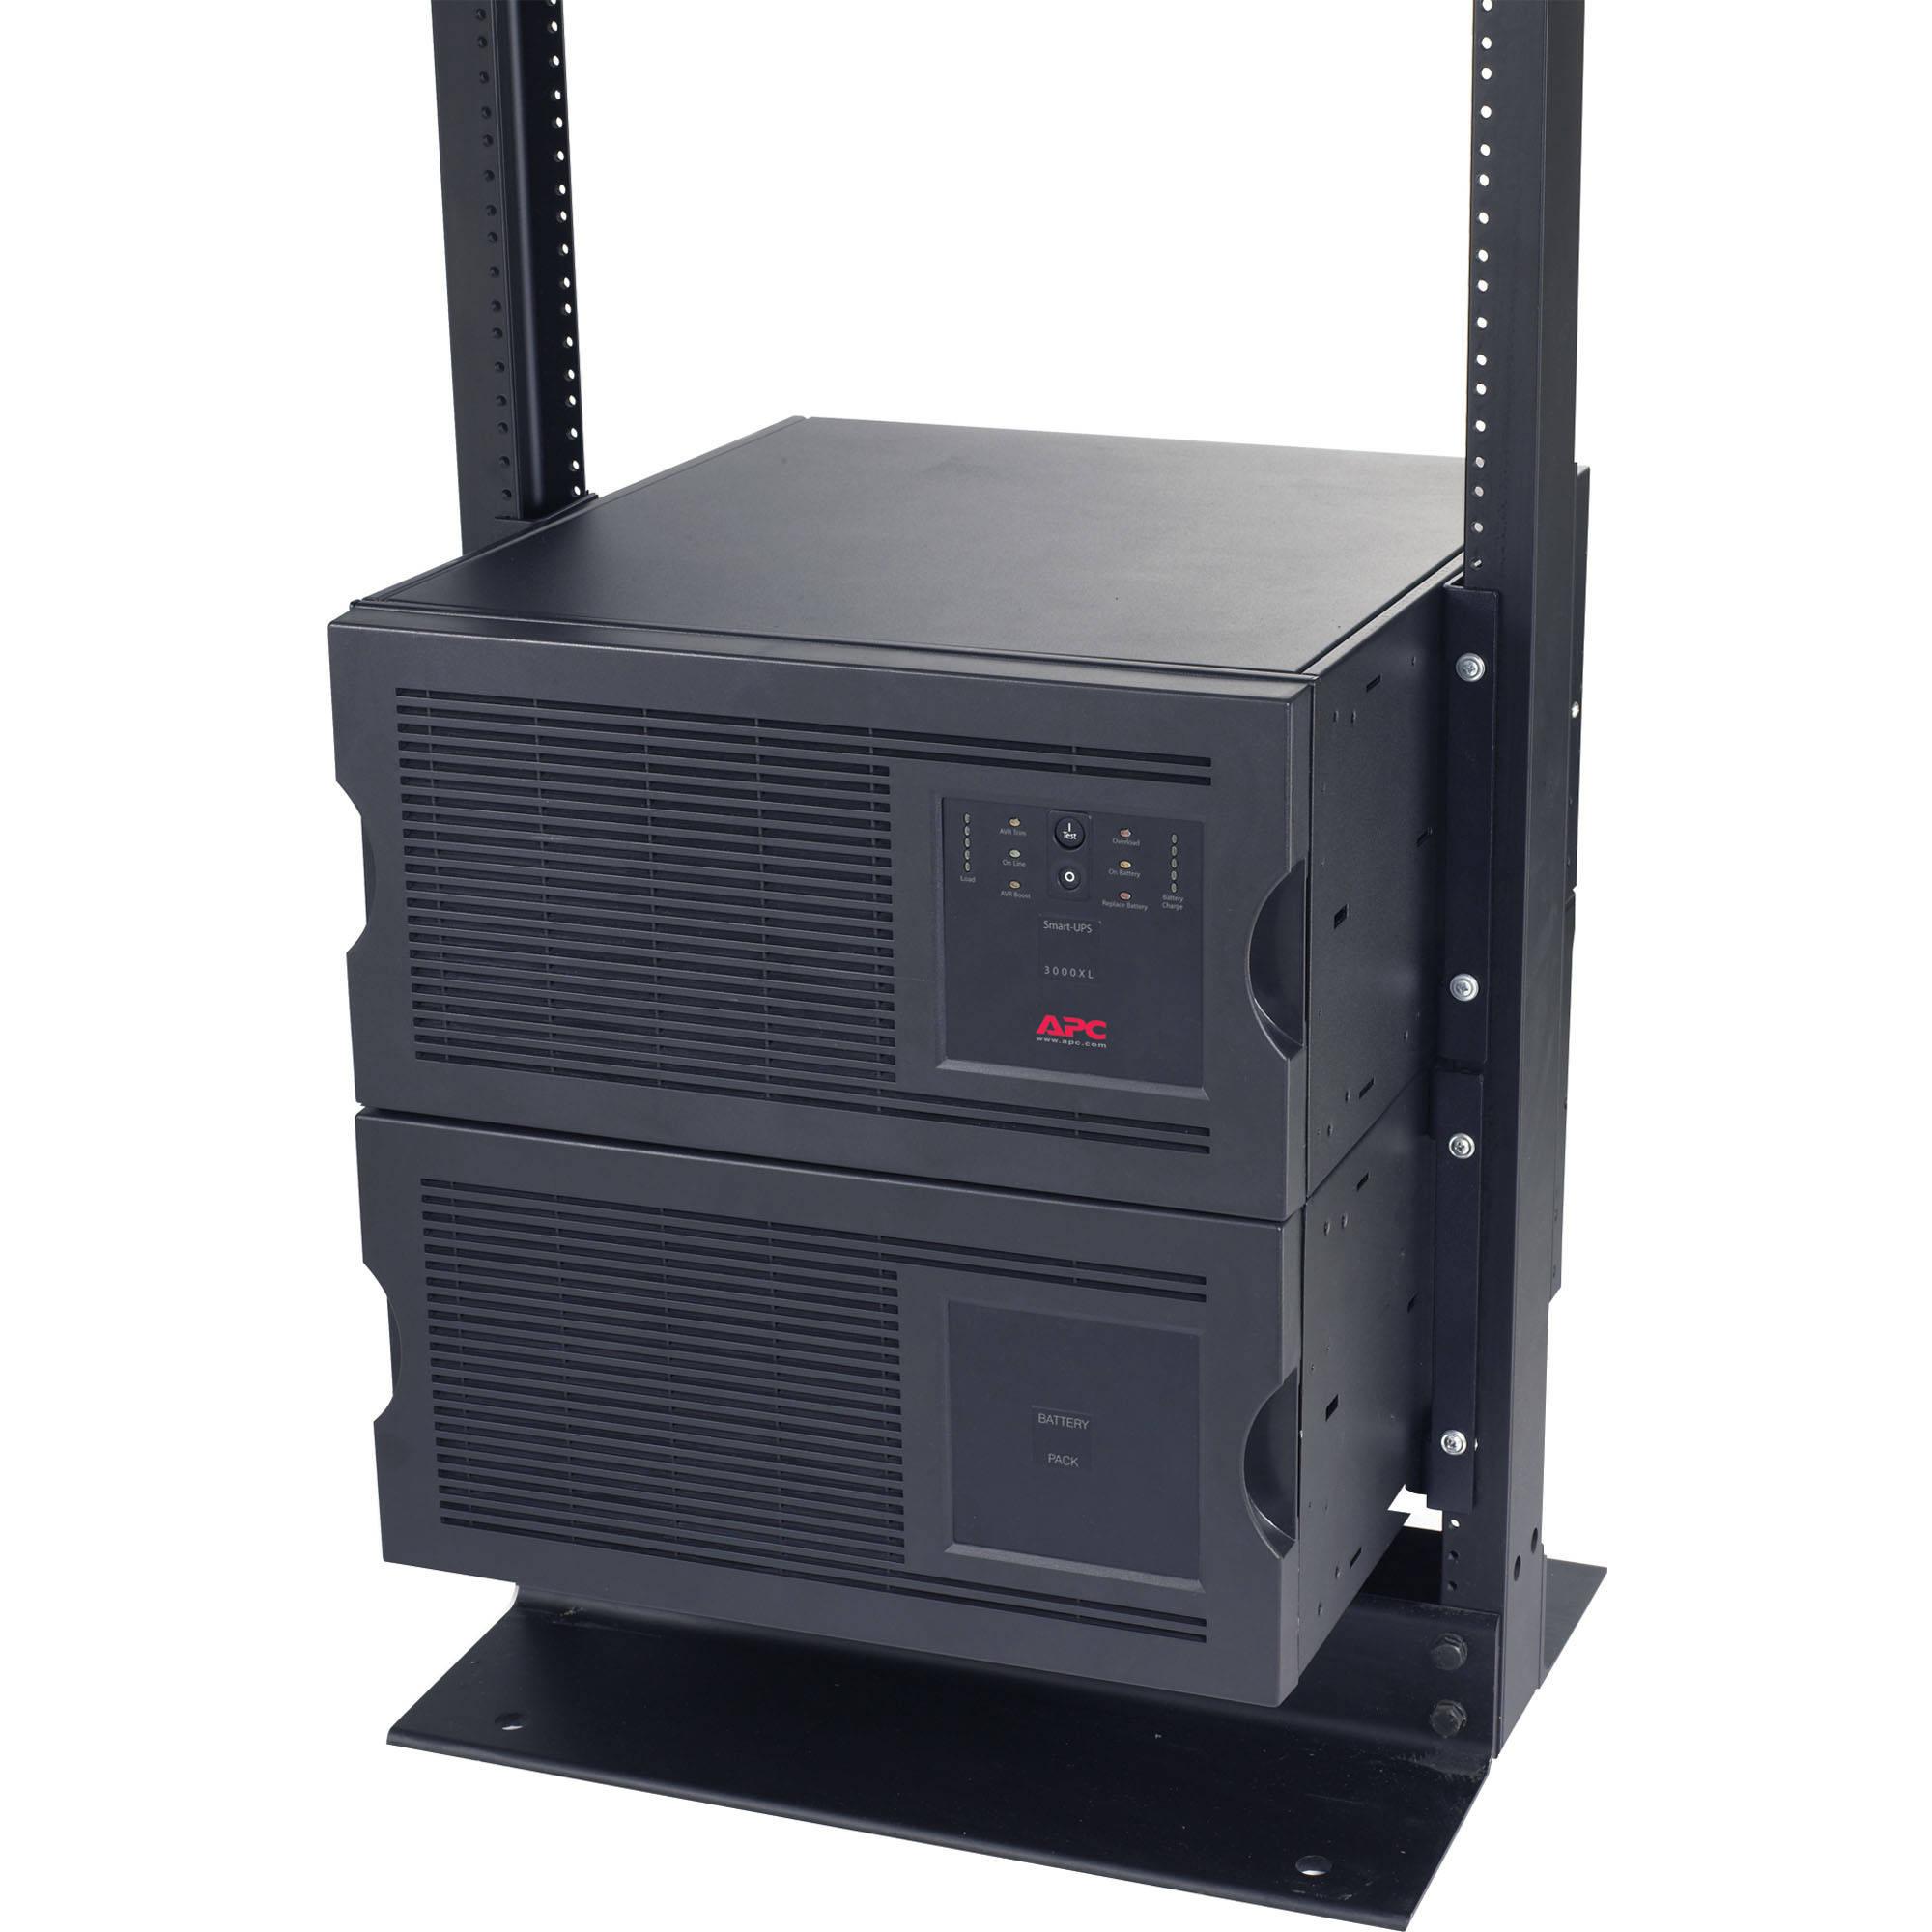 APC Smart-UPS XL 3000VA 120V Tower/Rack Convertible Surge Protector and  Battery Backup